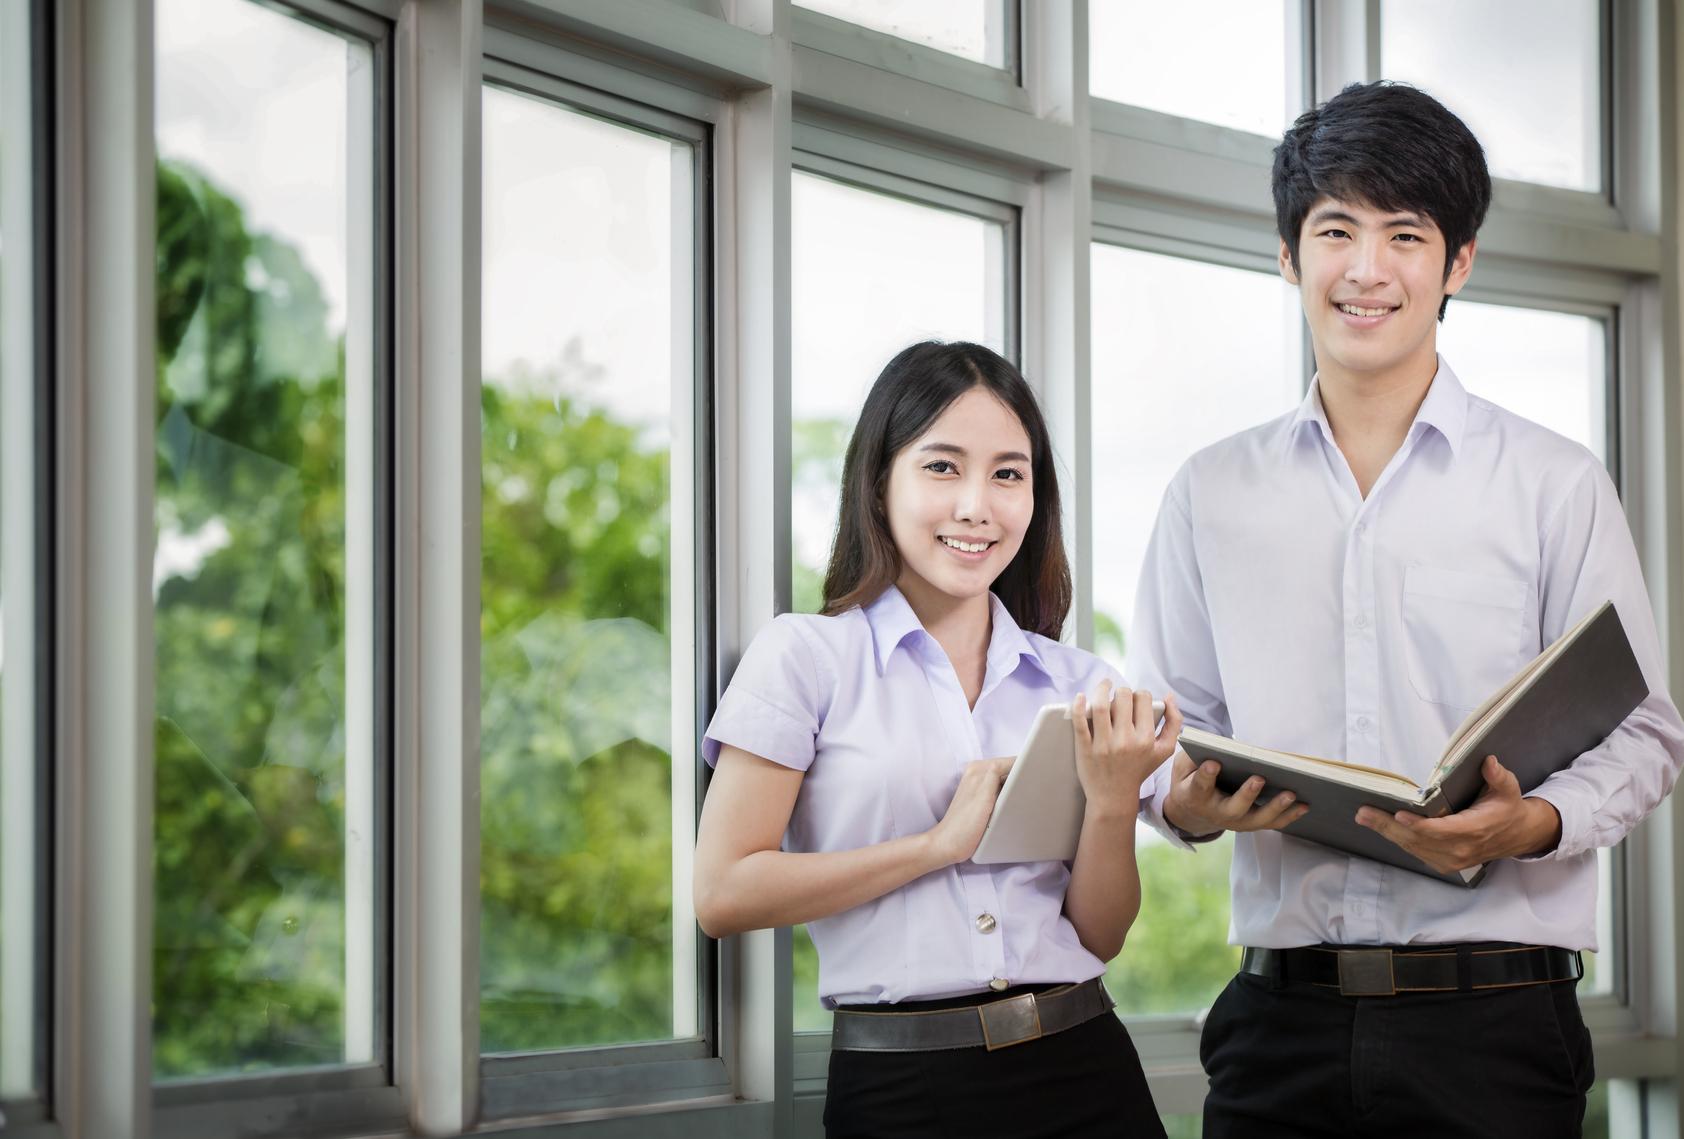 นักศึกษาใหม่ ปริญญาตรี มหาวิทยาลัย รับตรง วิทยาลัยนานาชาติ สวนสุนันทา